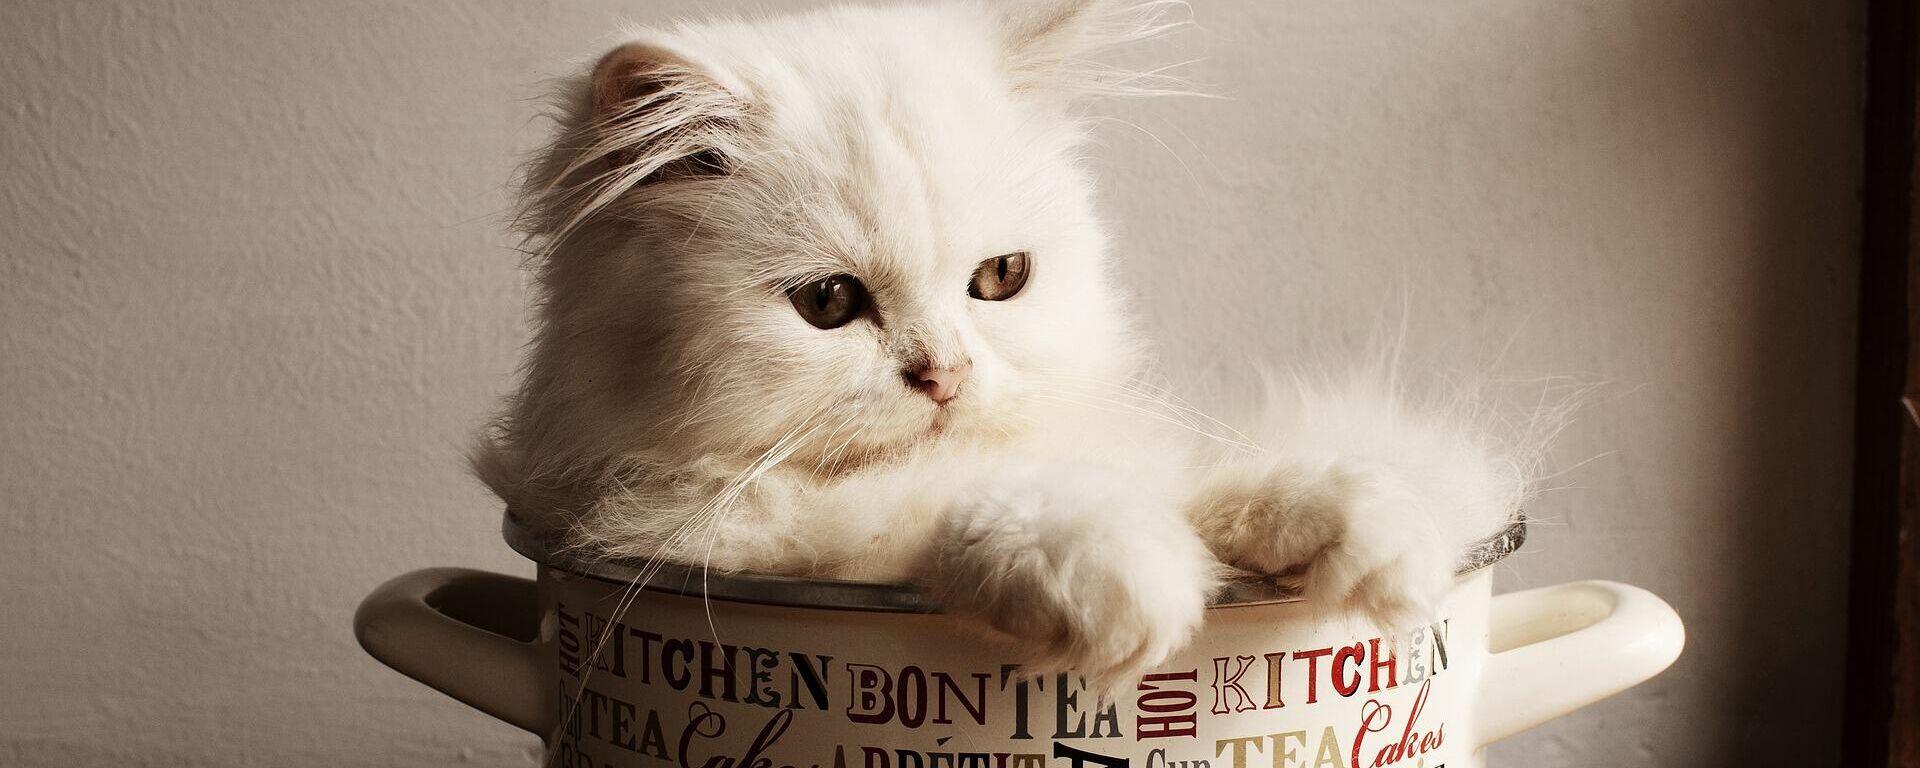 Un gato en la cocina - Sputnik Mundo, 1920, 26.09.2021